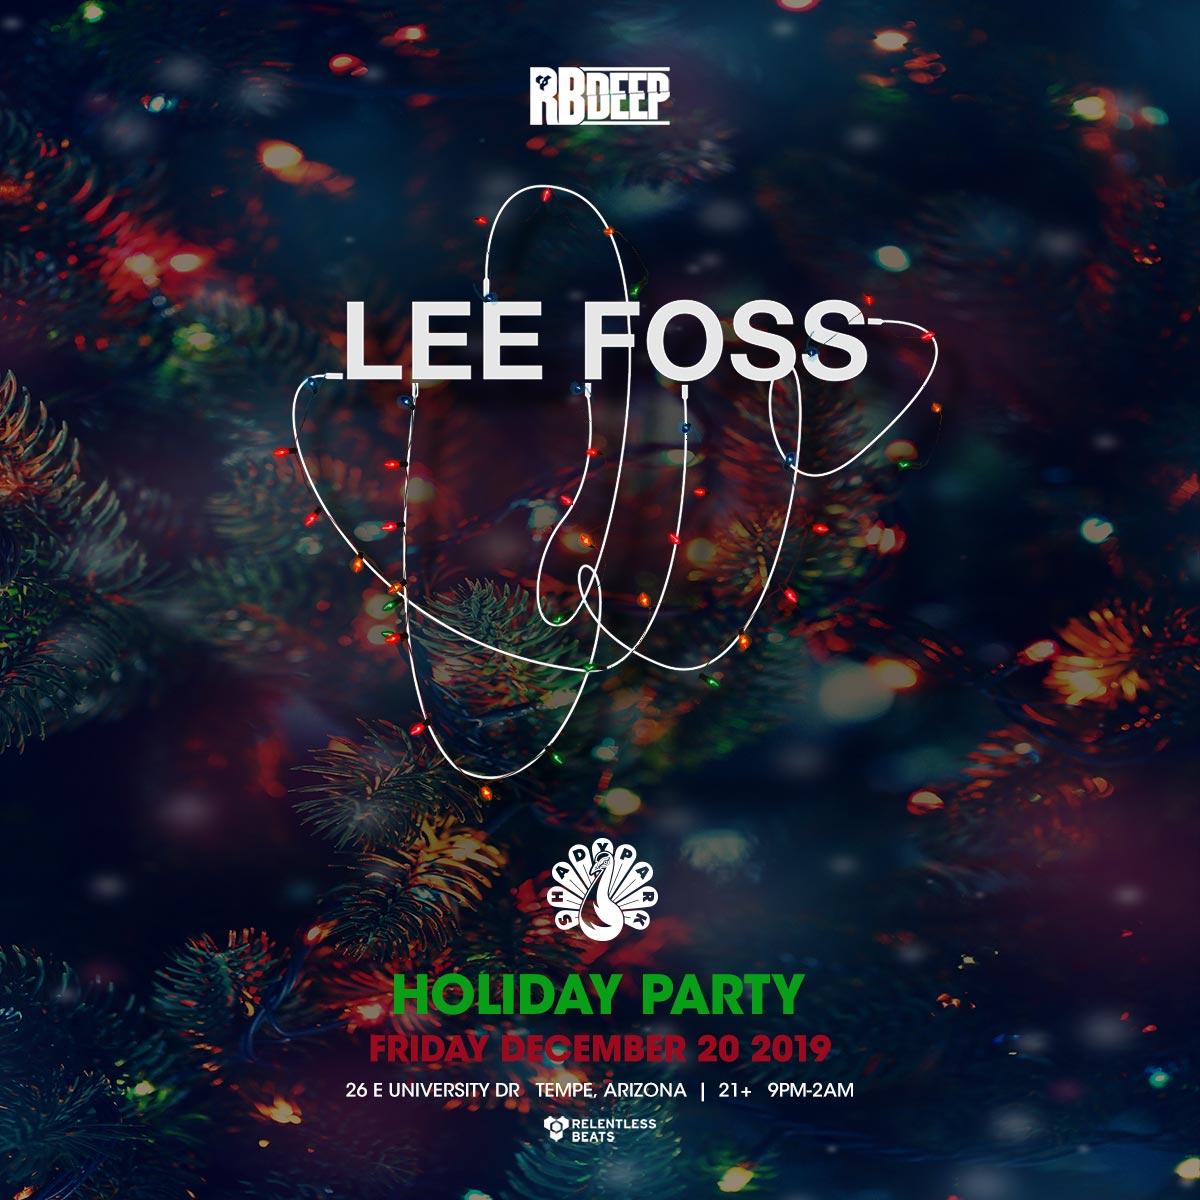 Flyer for Lee Foss